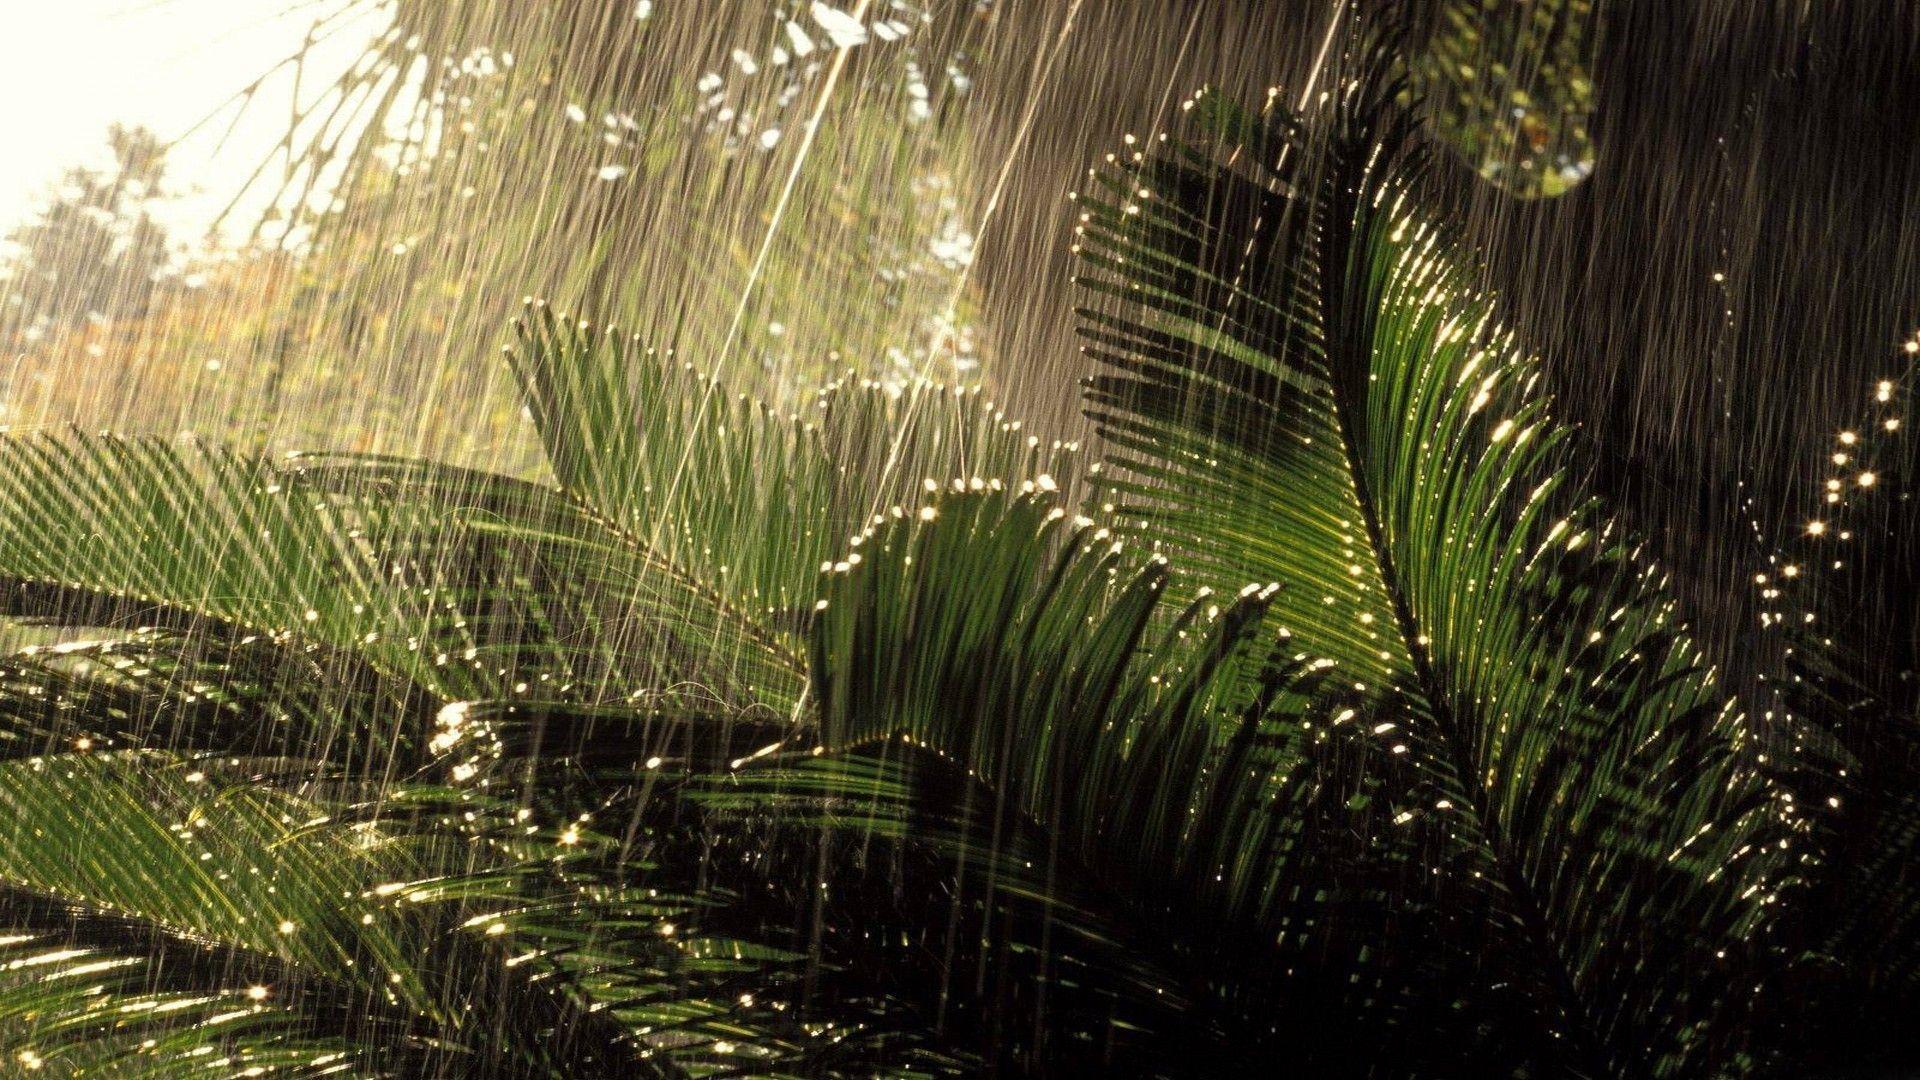 Desktop wallpaper nature rain